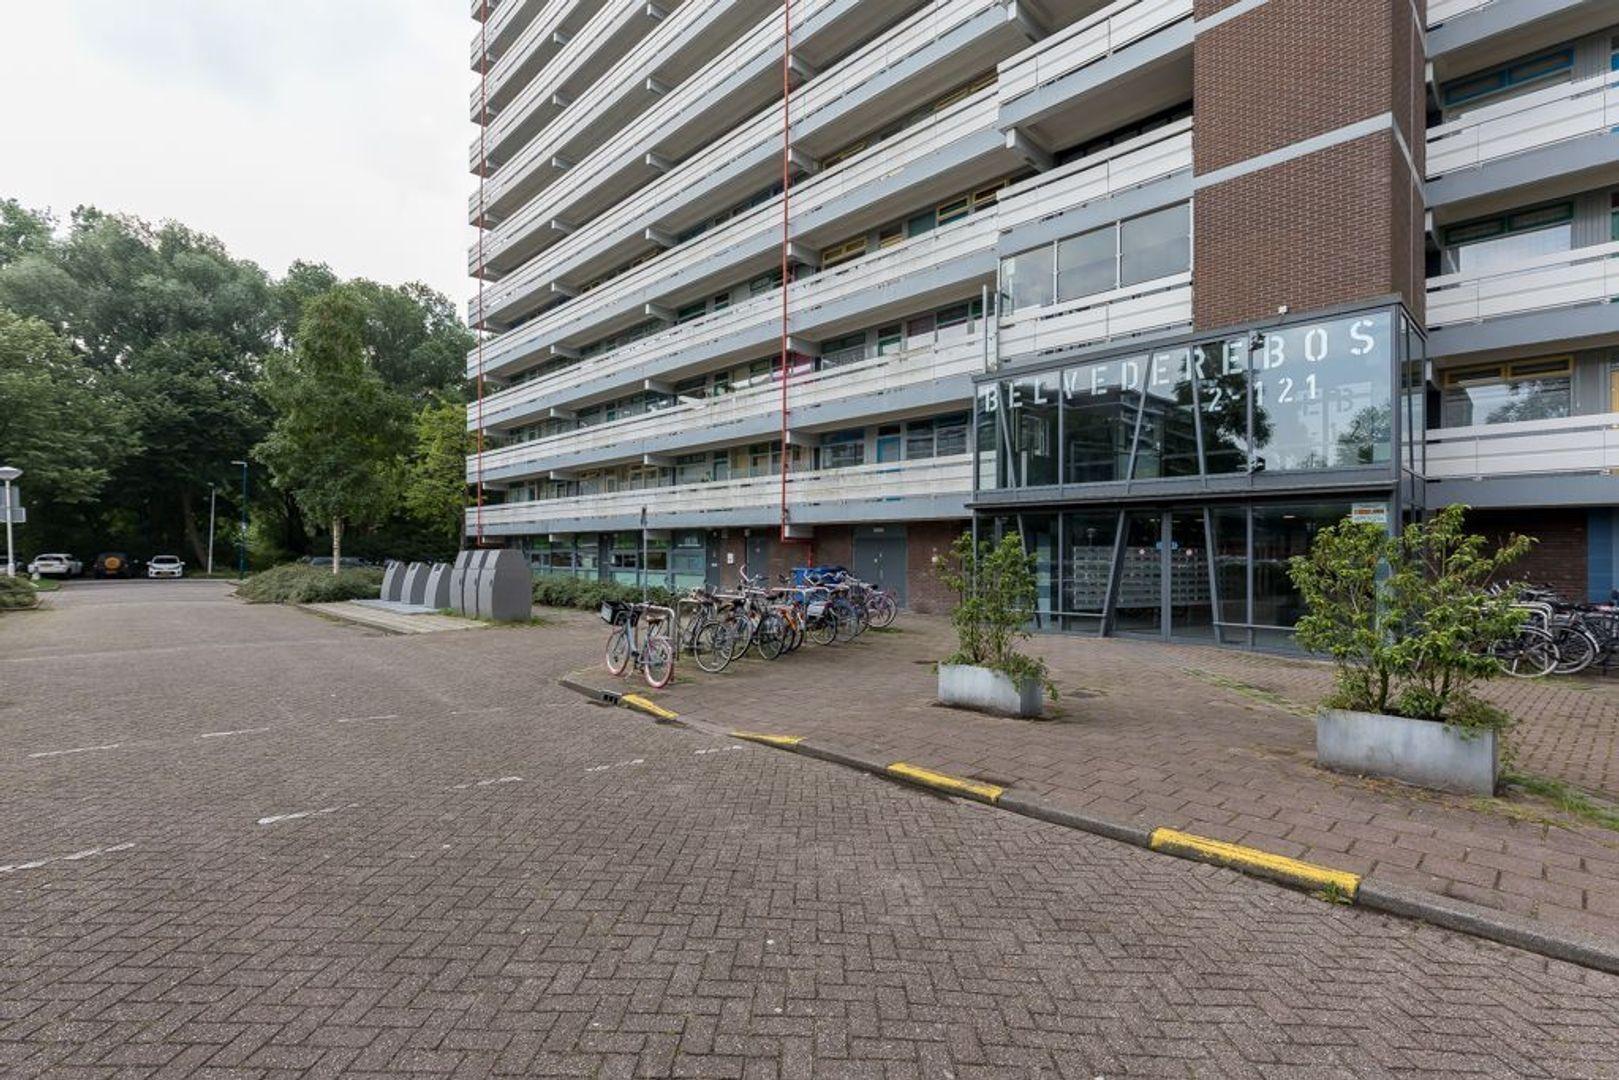 Belvederebos 77, Zoetermeer foto-1